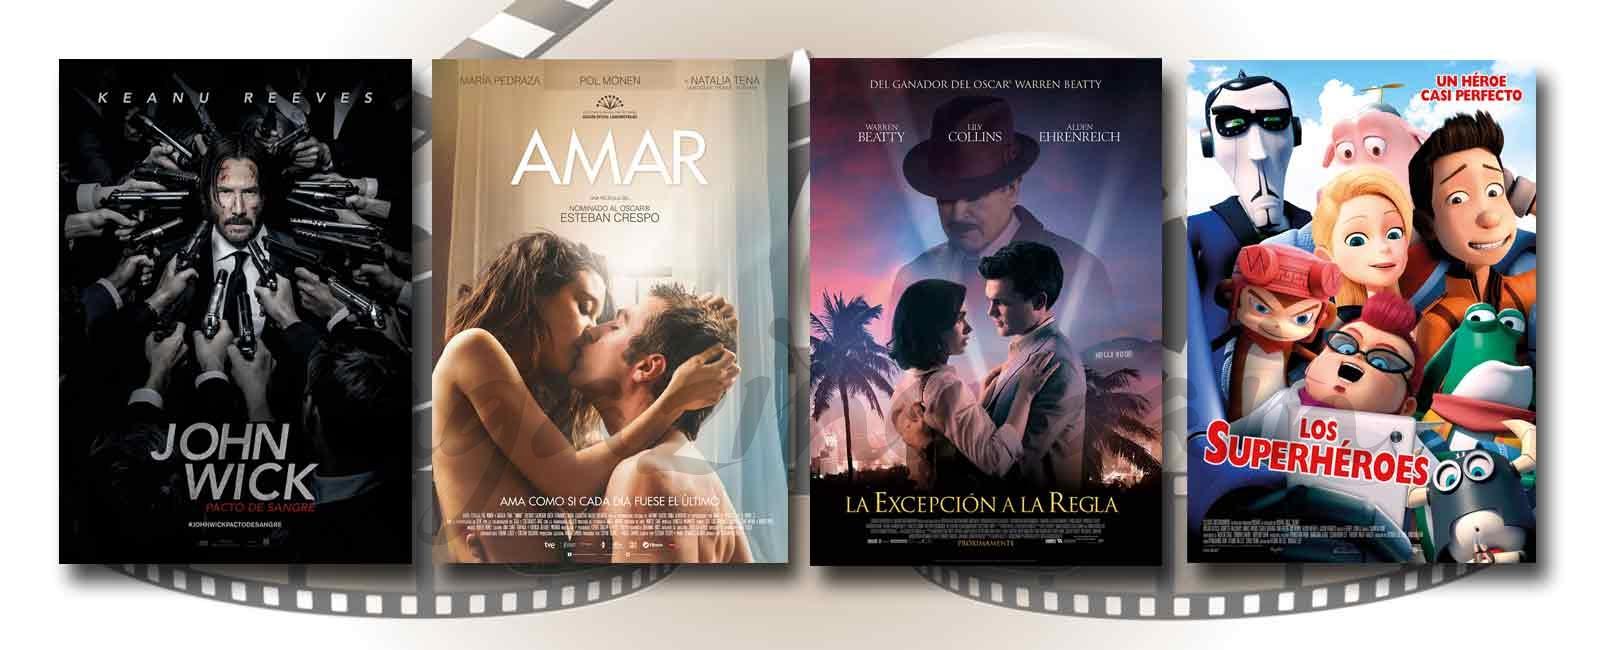 Estrenos de Cine de la Semana… 21 de Abril 2017